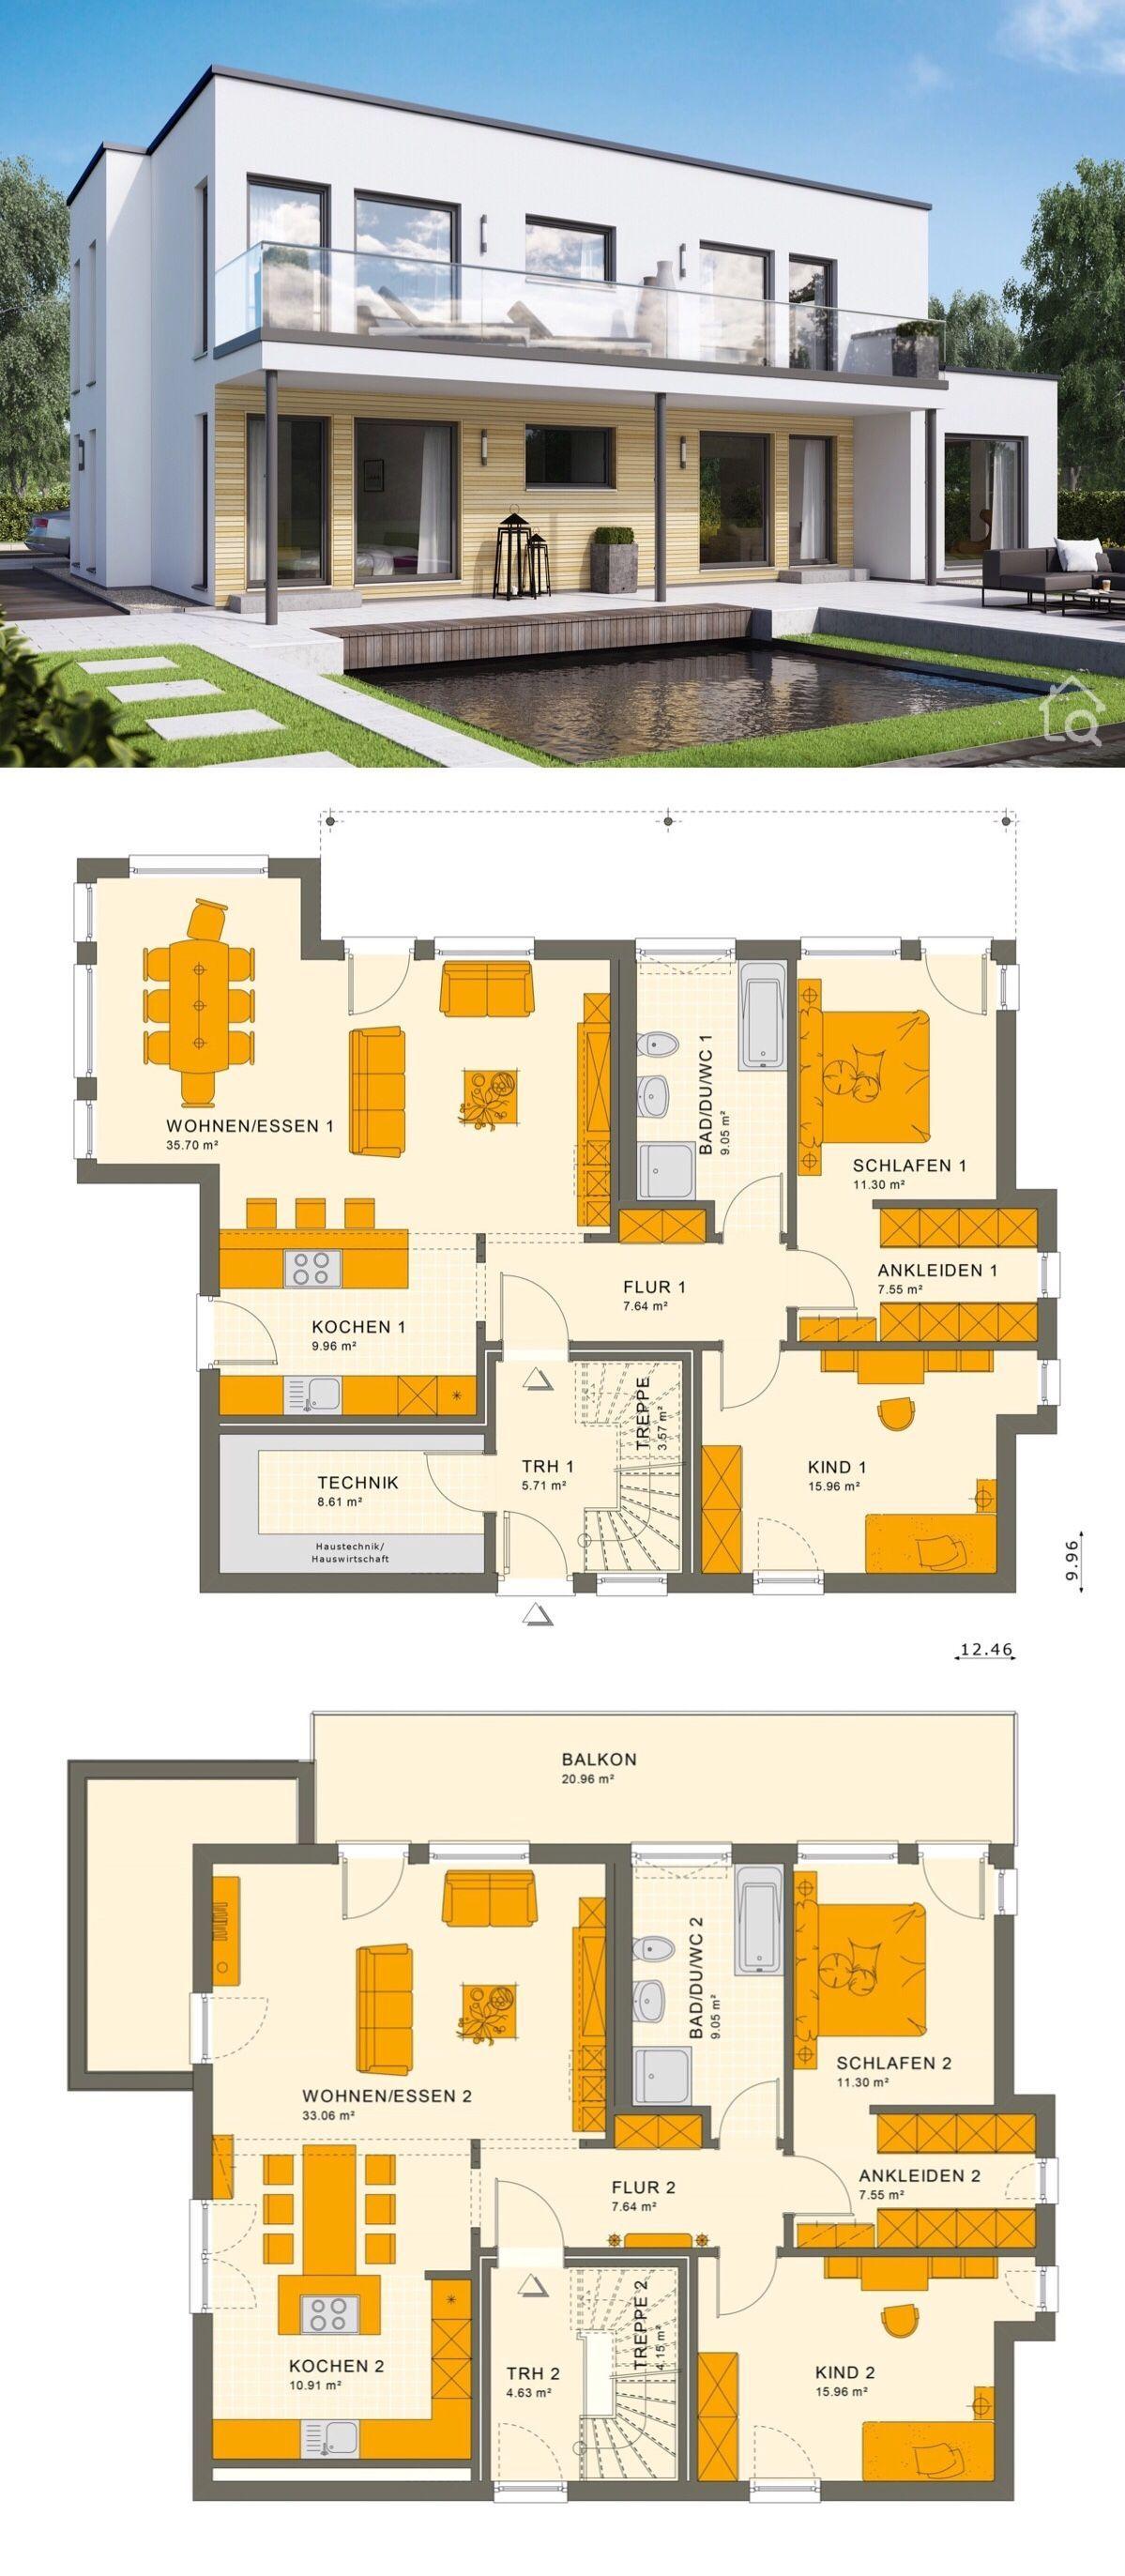 Zweifamilienhaus SOLUTION 204 V8 mit Flachdach